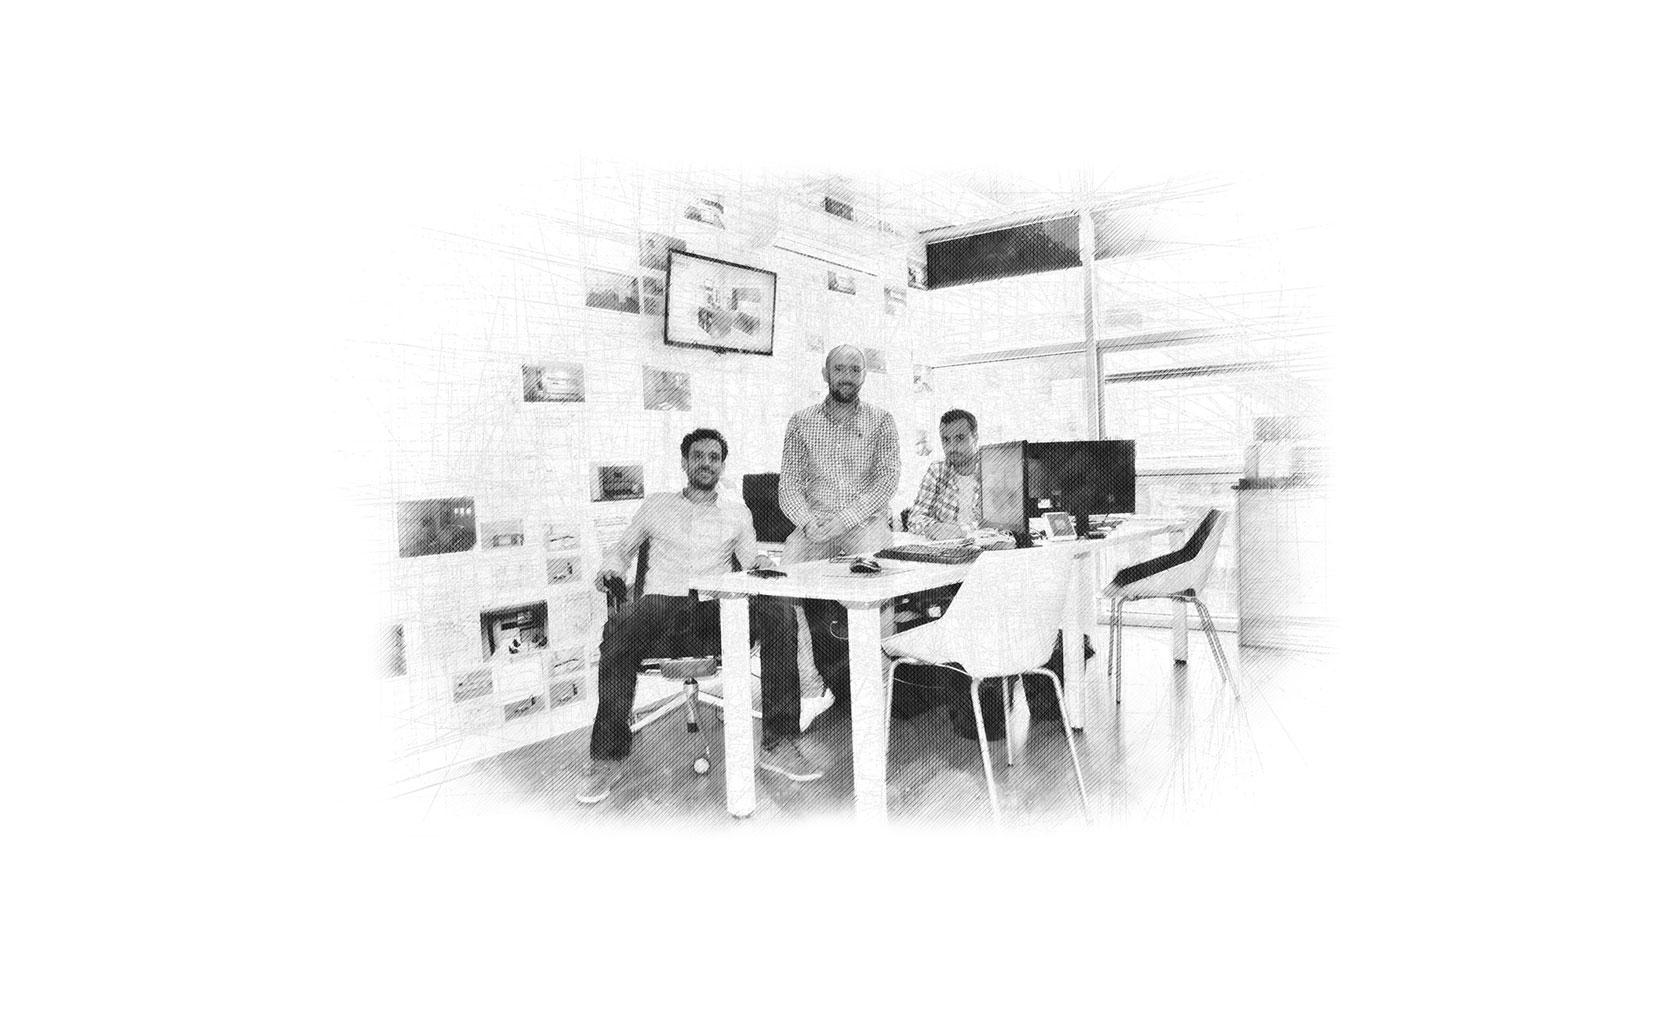 team-estudior3